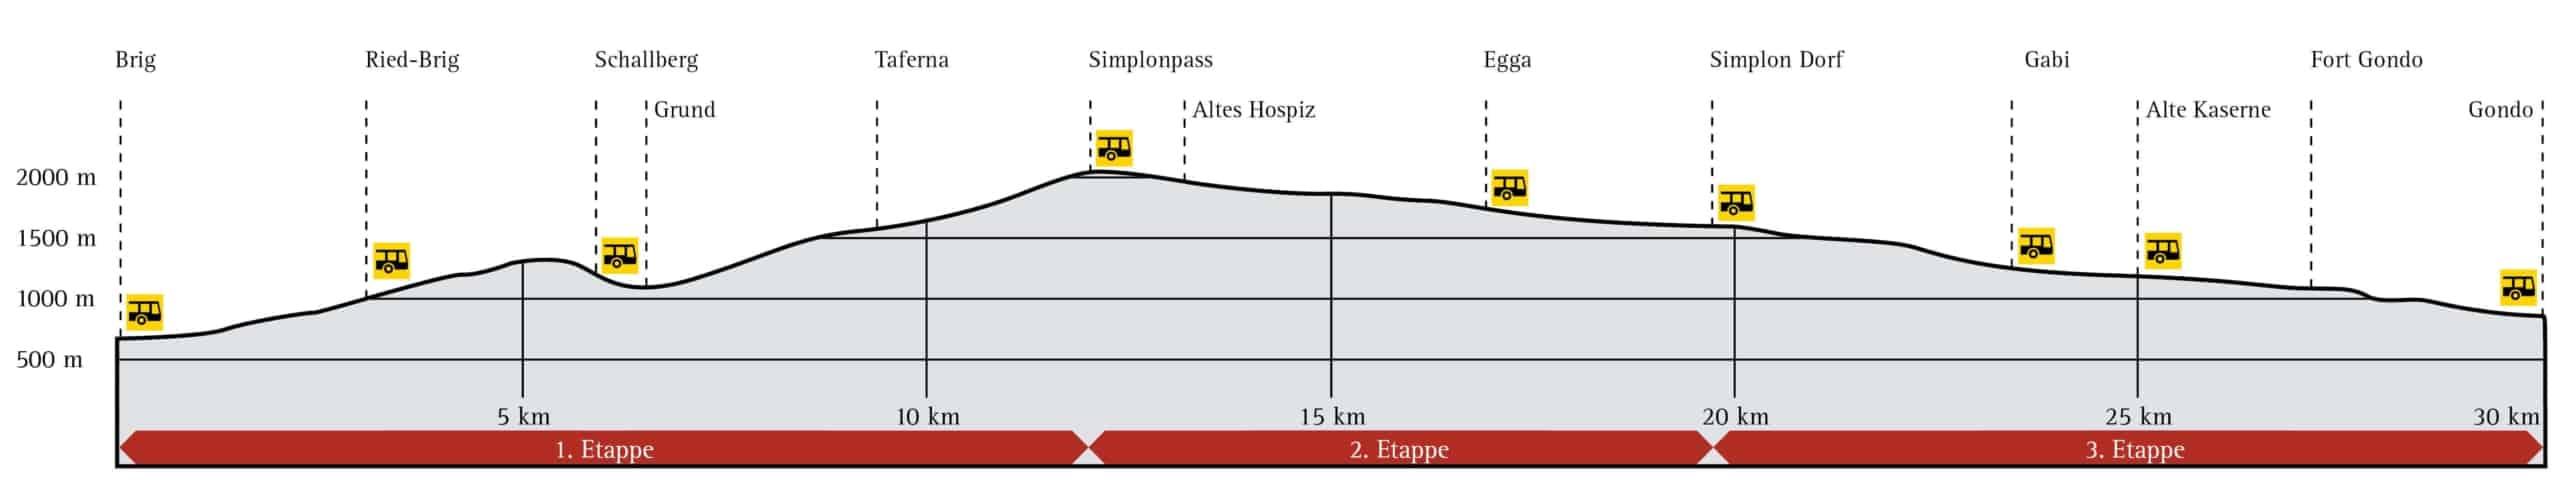 Höhenprofil Stockalperweg Brig Gondo